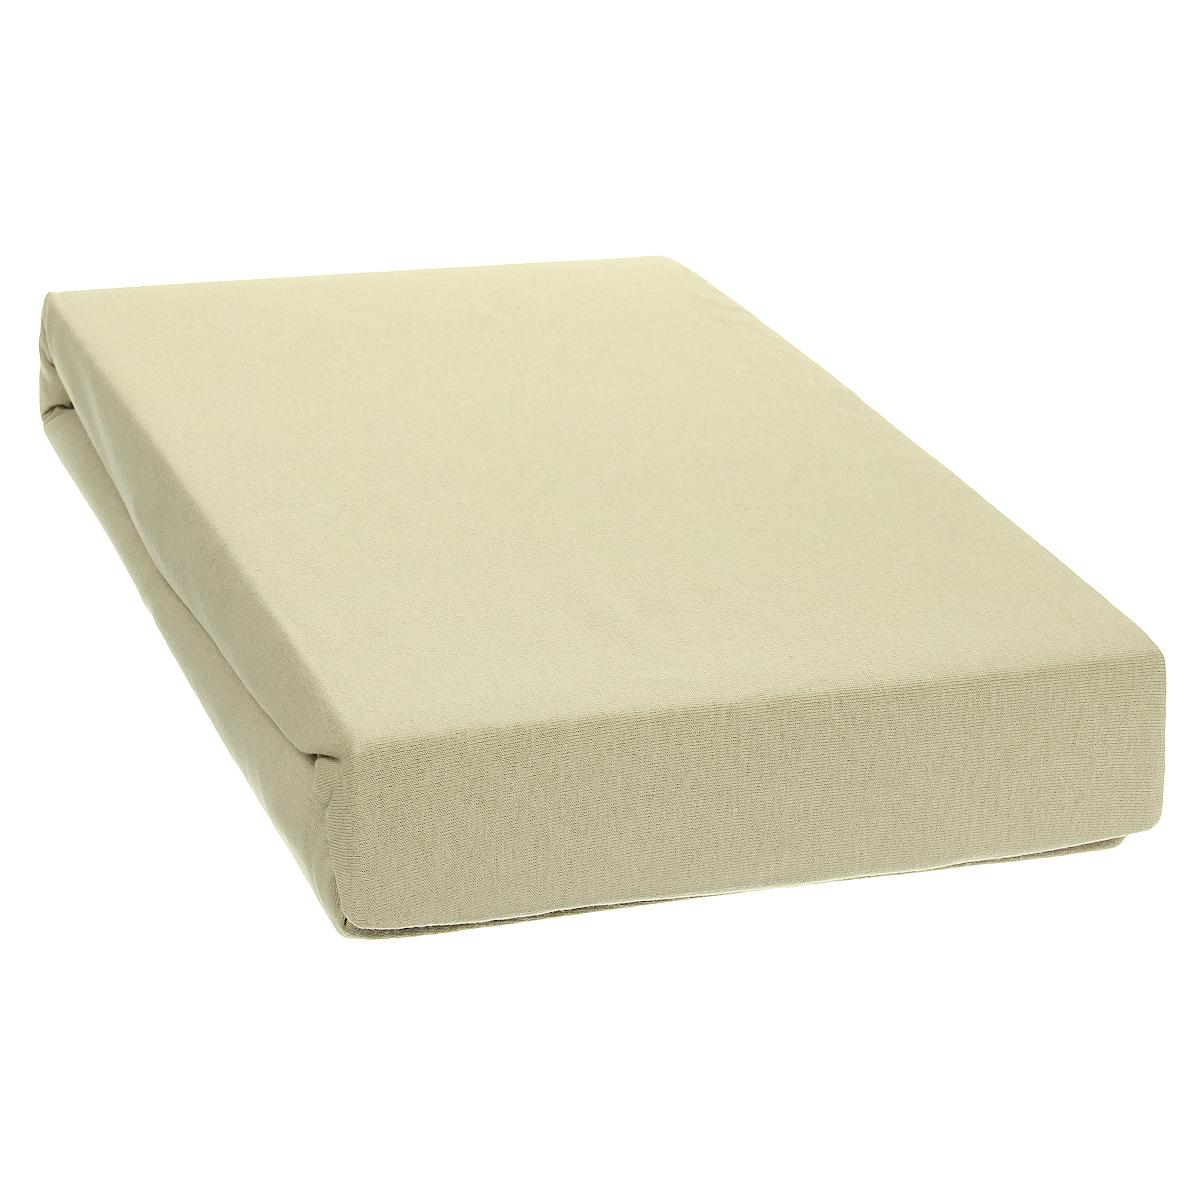 Простыня на резинке Tete-a-Tete, цвет: латунь, 90 х 200 смТ-ПР-3056Однотонная простыня на резинке Tete-a-Tete выполнена из натурального хлопка. Высочайшее качество материала гарантирует безопасность не только взрослых, но и самых маленьких членов семьи. Простыня гармонично впишется в интерьер вашего дома и создаст атмосферу уюта и комфорта. Особенности коллекции Tete-a-Tete: - выдерживает более 100 стирок практически без изменения внешнего вида, - модные цвета и стойкие оттенки, - минимальная усадка, - надежные резинки и износостойкая ткань, - безупречное качество, - гиппоаллергенно. Коллекция Tete-a-Tete специально создана для практичных людей, которые ценят качество и долговечность вещей, окружают своих близких теплотой и заботой.